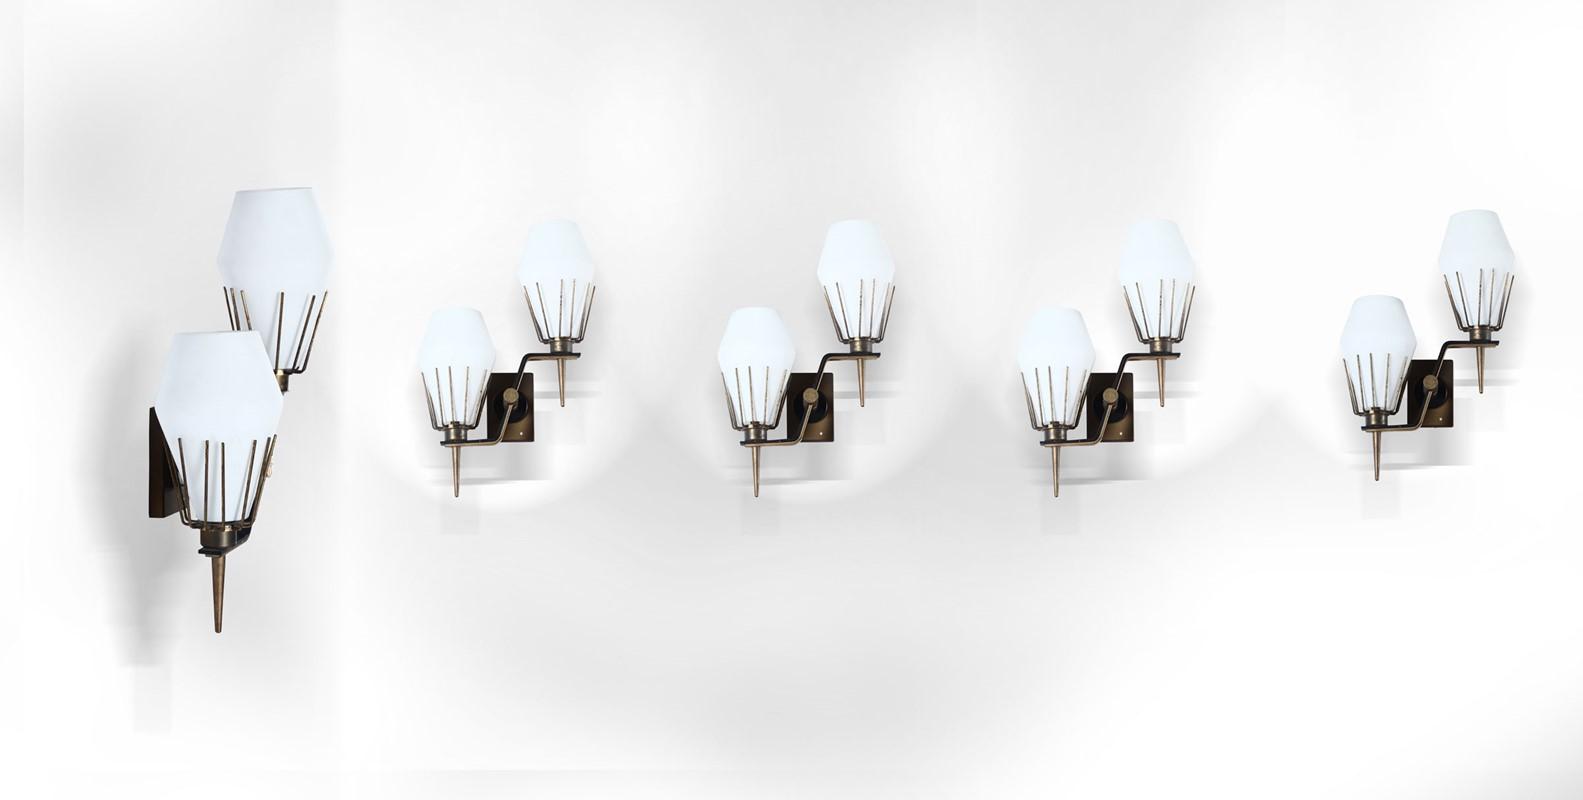 Cinque appliques con struttura in ottone e diffusori in vetro